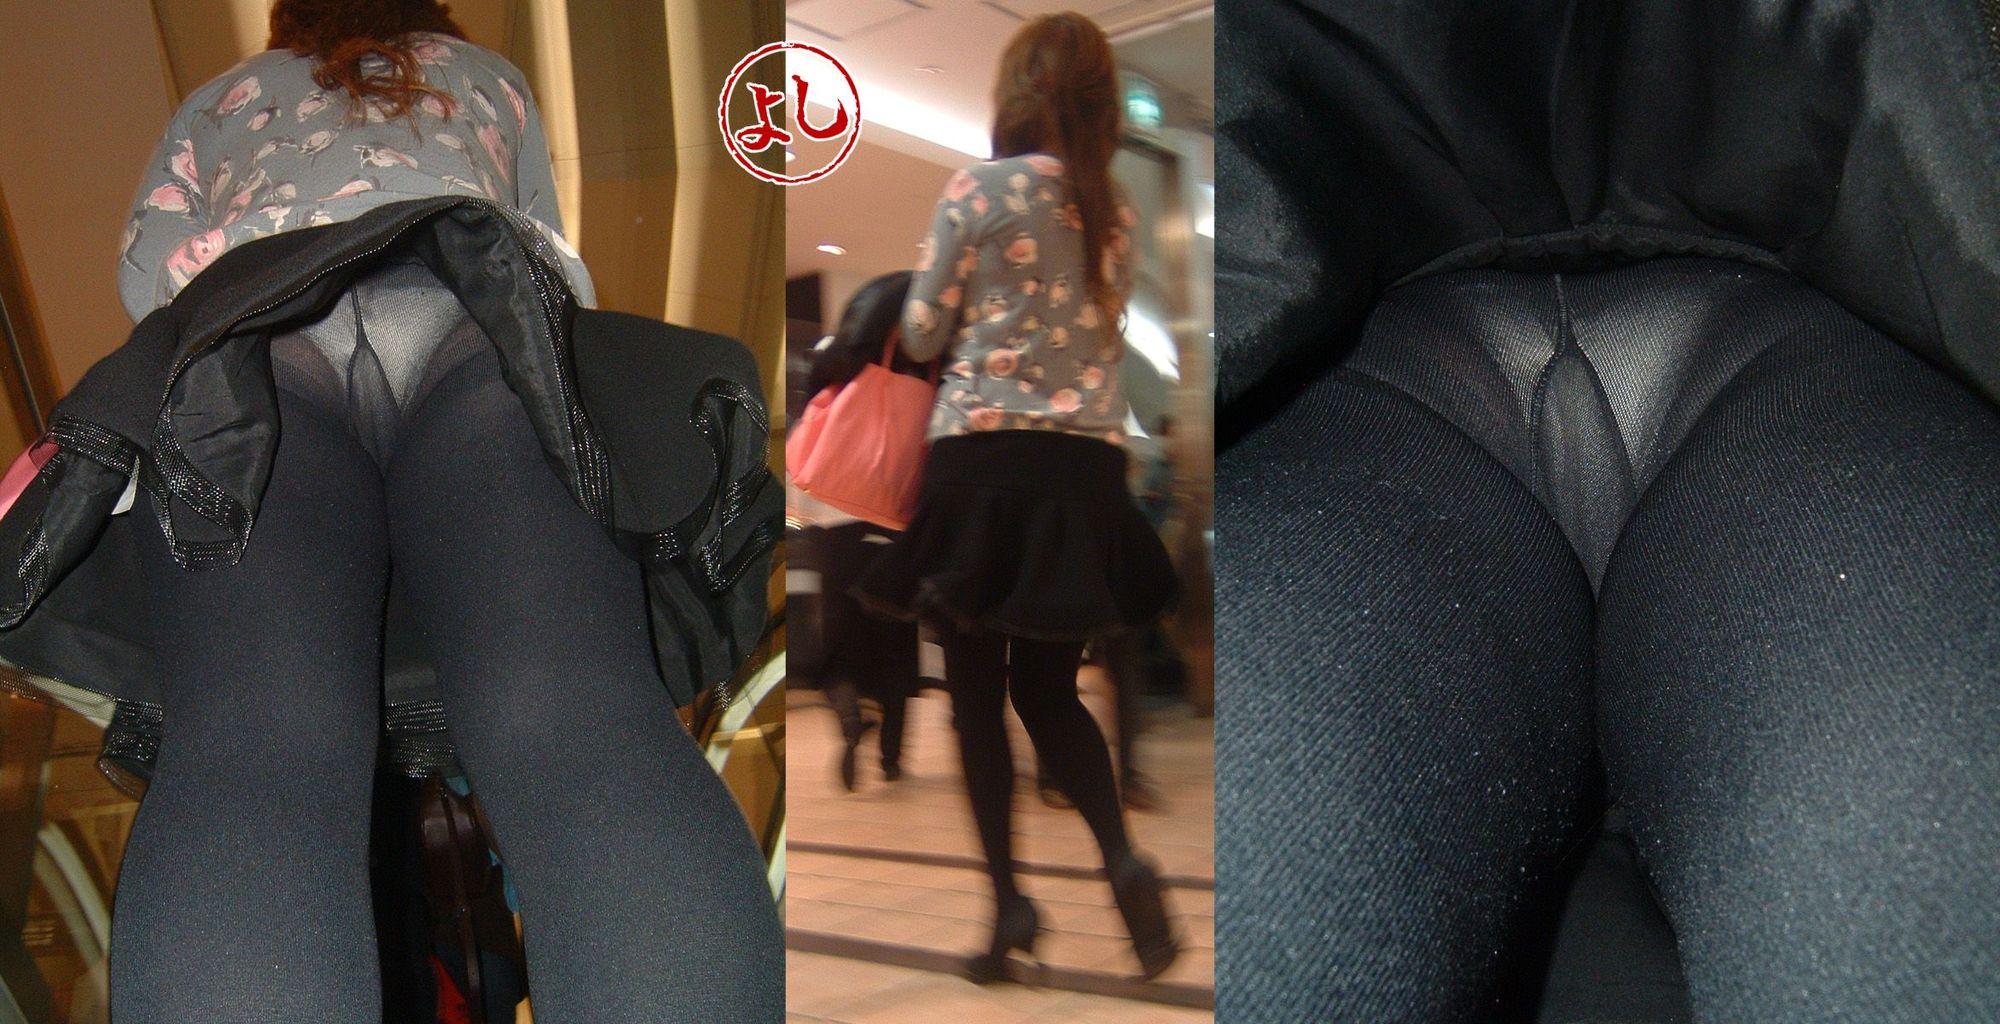 タイツ 逆さ DUGA - 黒パンスト女子校生 パンチラ 大全集 VOL.1